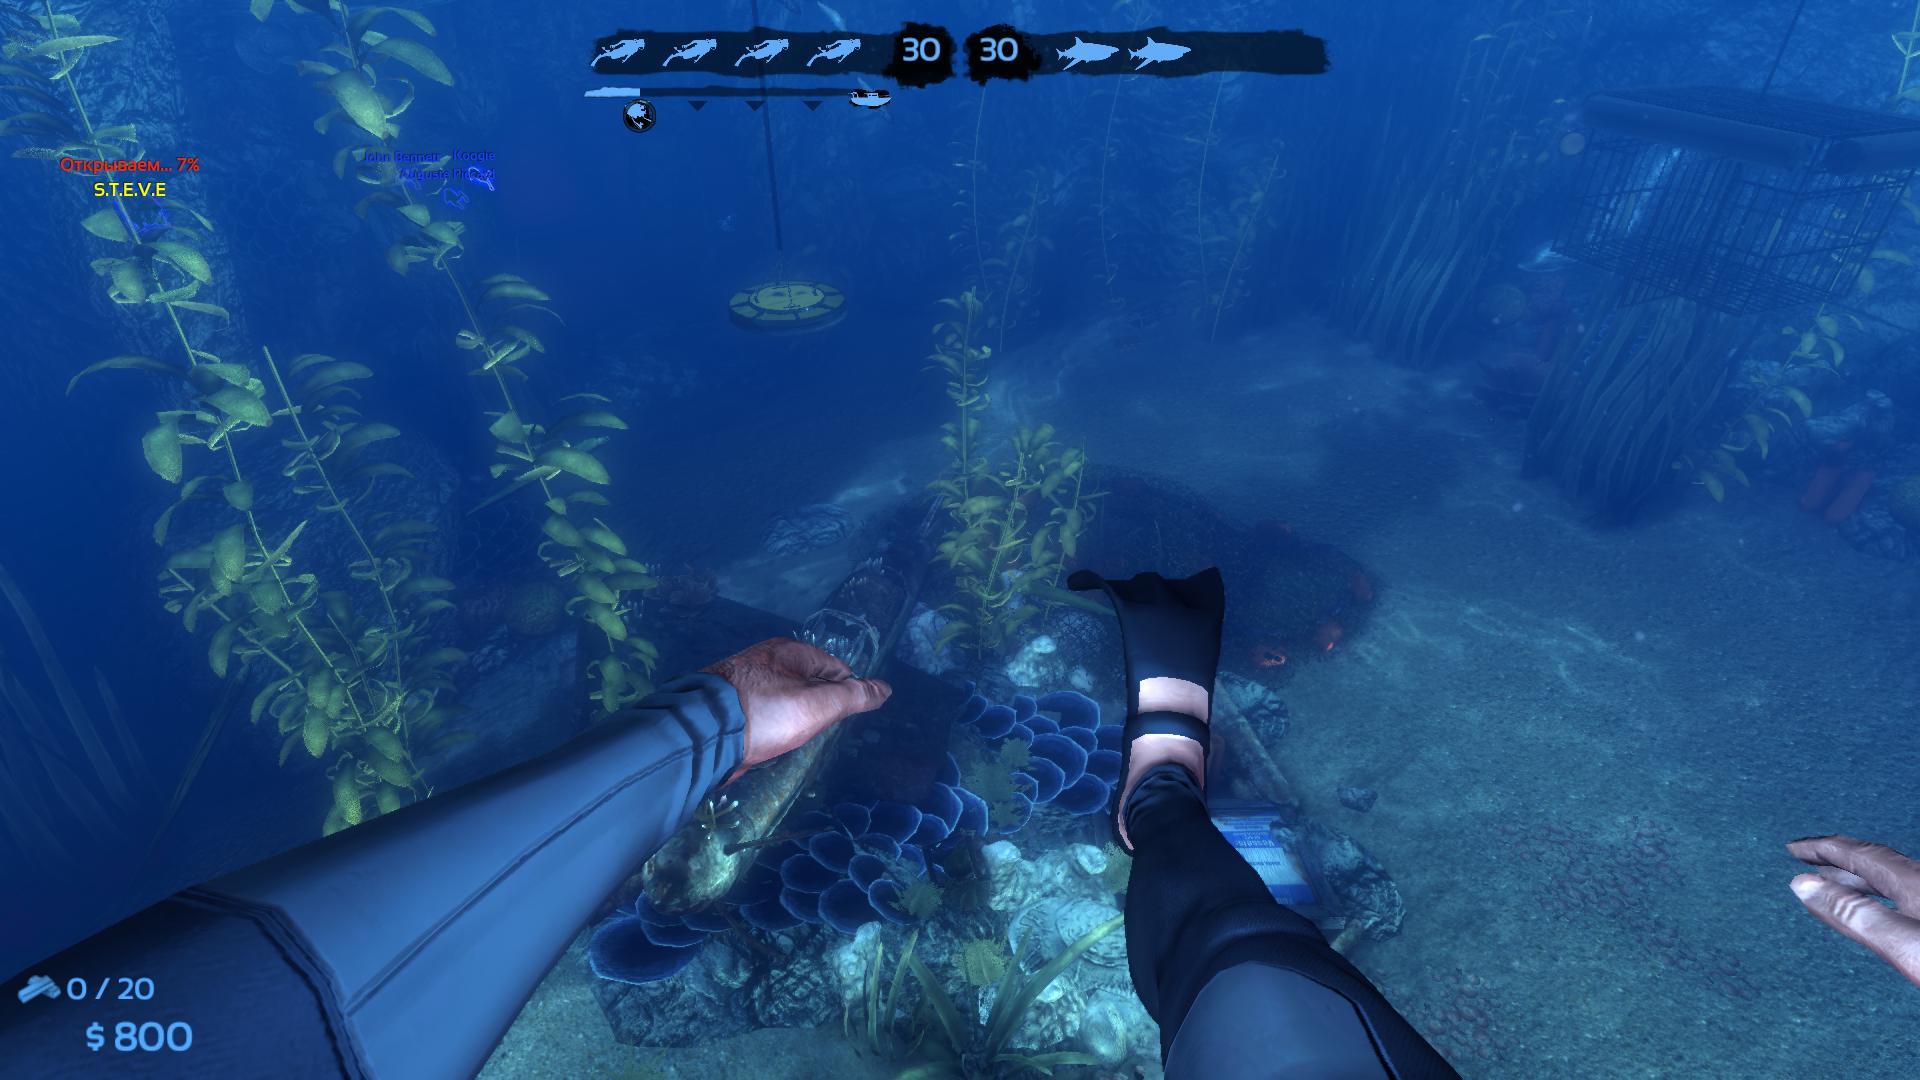 depth симулятор акулы скачать